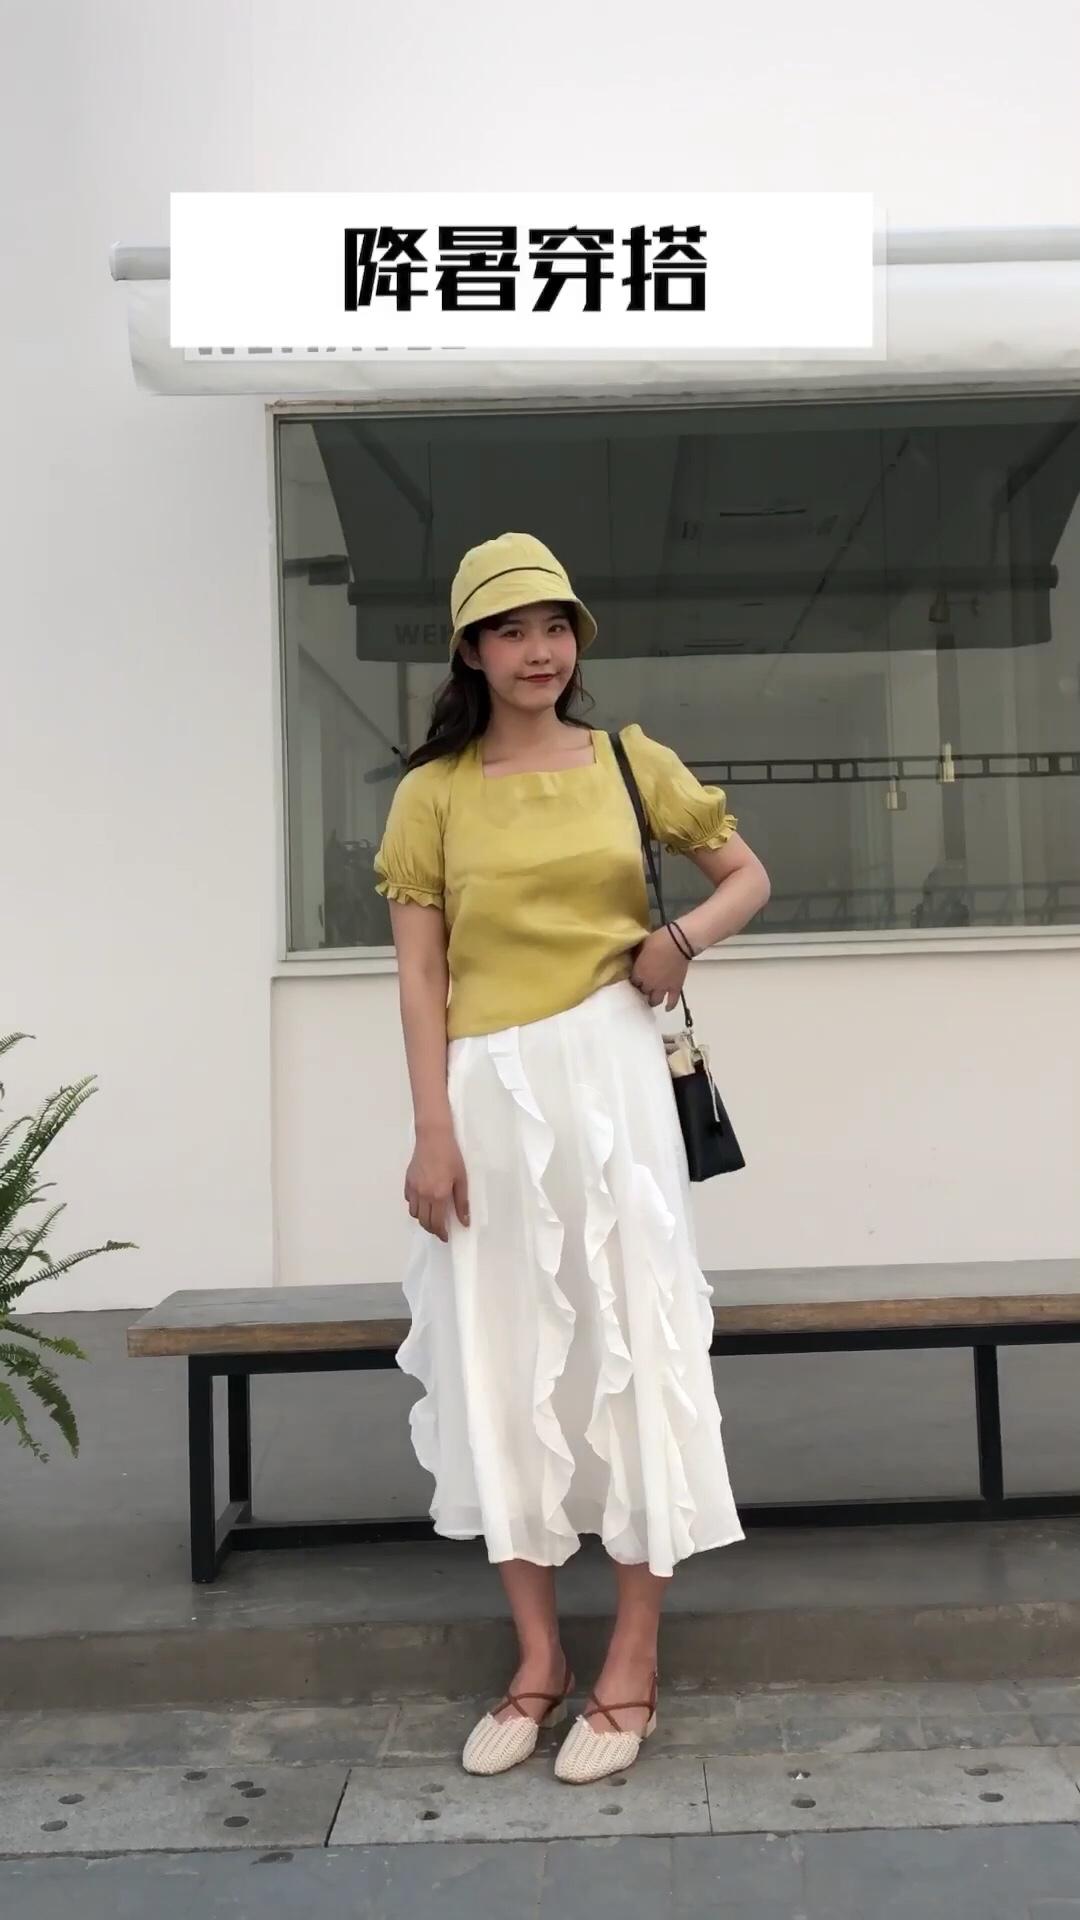 #618精选高腰单品,靓妹必入#  黄色+白色的清爽降暑穿搭 宽松的版型的上衣 亮丝的设计好起来特别有质感啦 黄色的上衣搭配同色系的帽子 同色系的穿搭特别亮眼啦 搭配上高跟凉鞋 很夏天的感觉哦~